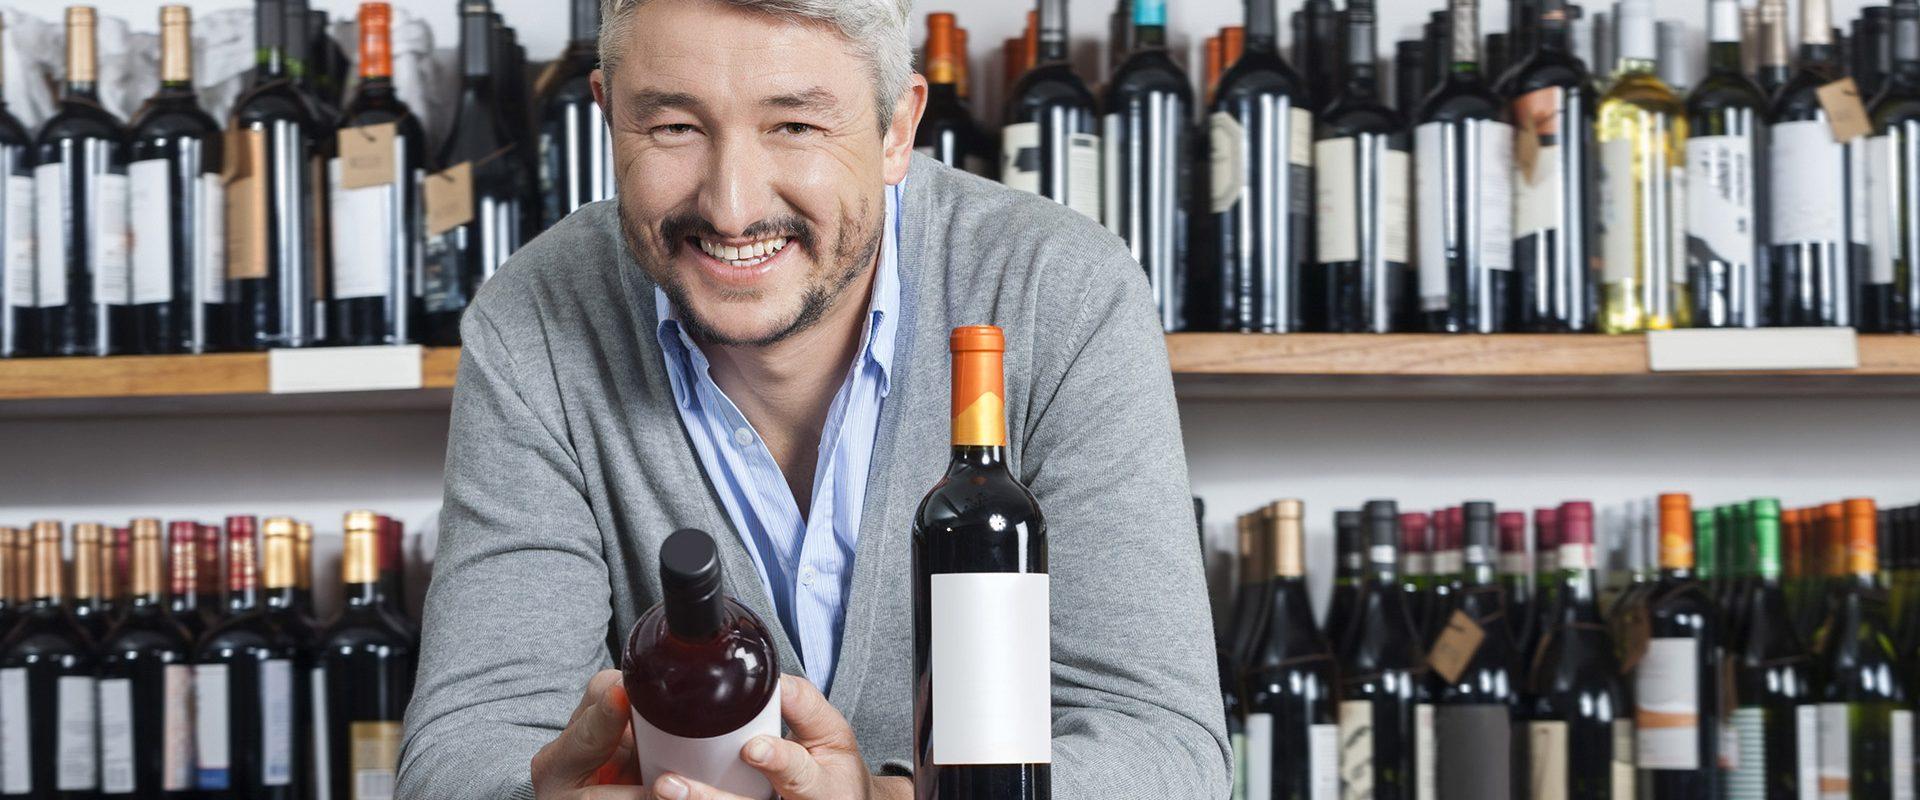 Weinhandlungen